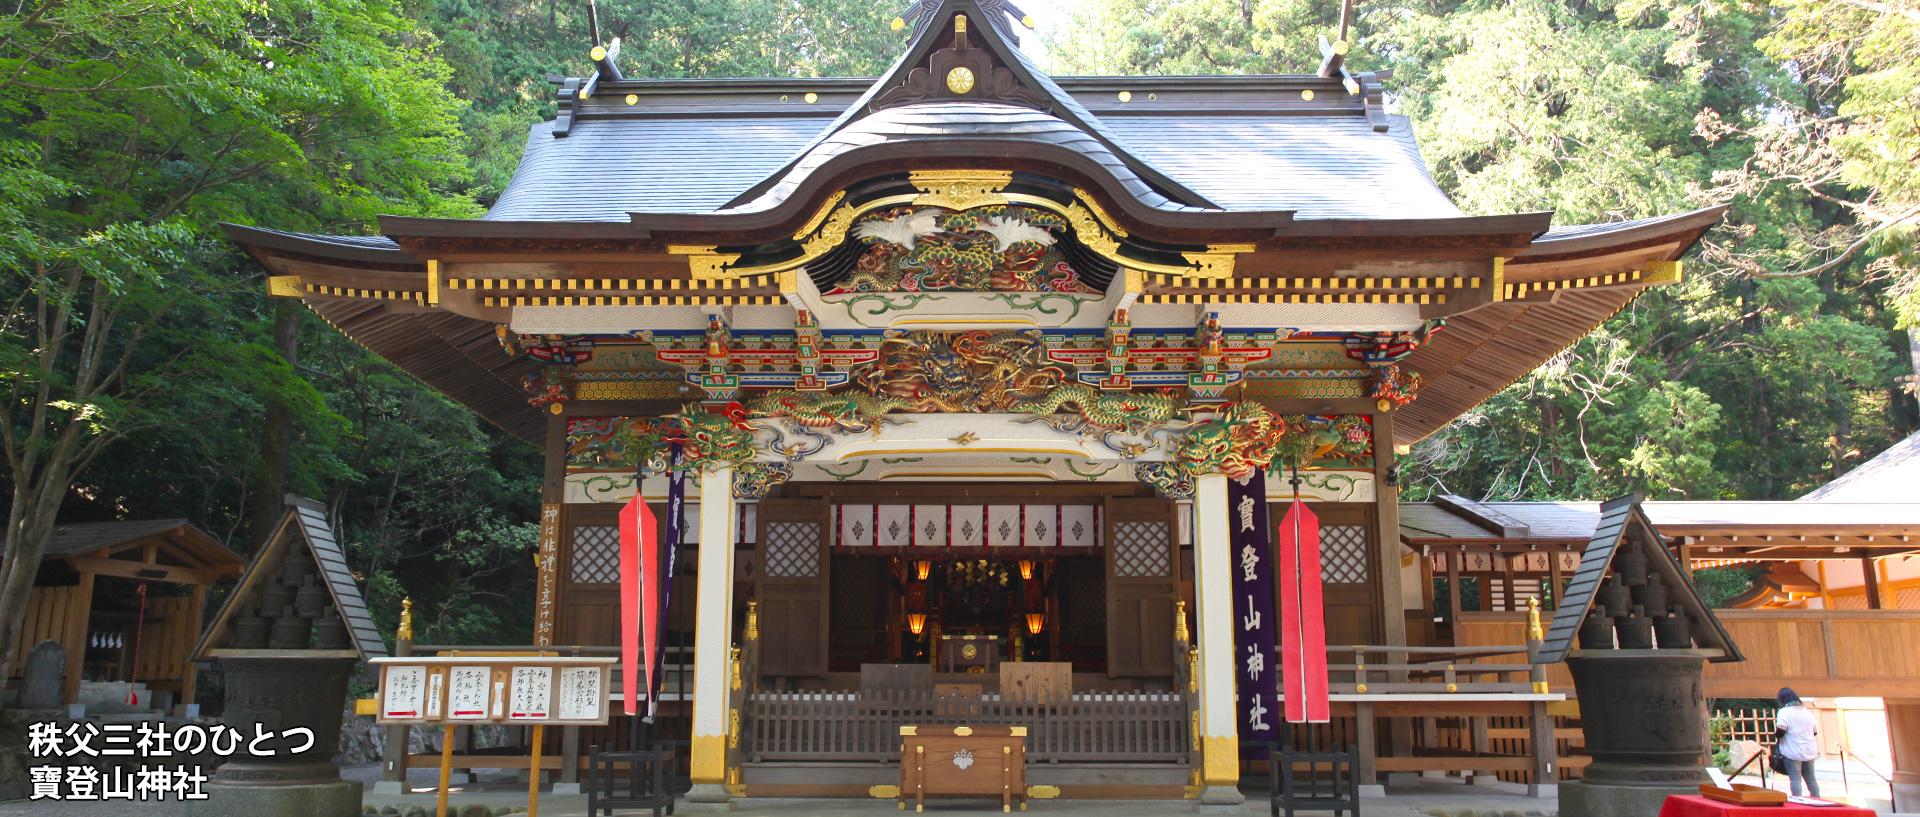 秩父三社のひとつ 寶登山神社